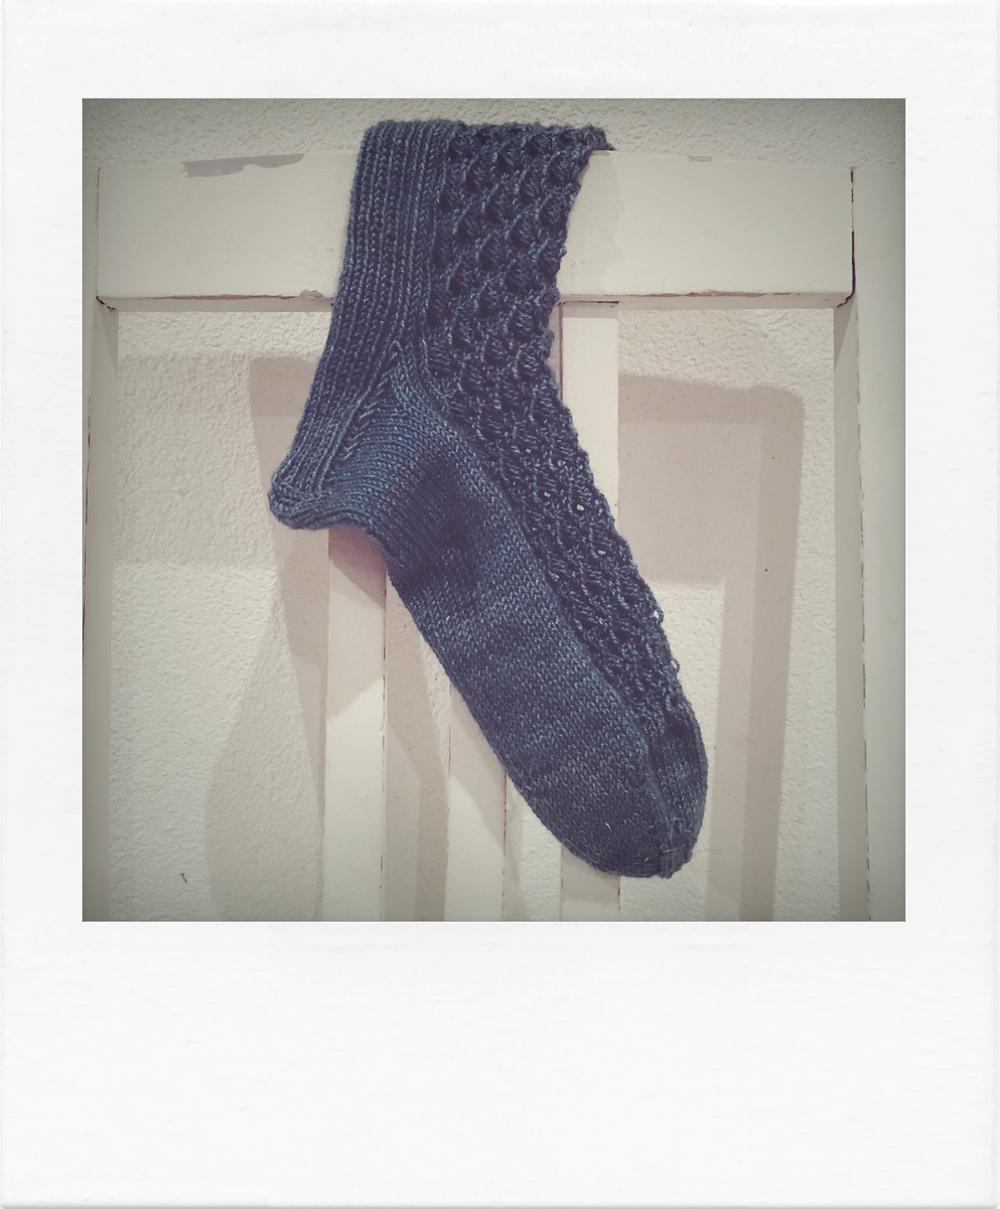 Sieben Meilen Socken by Butzeria